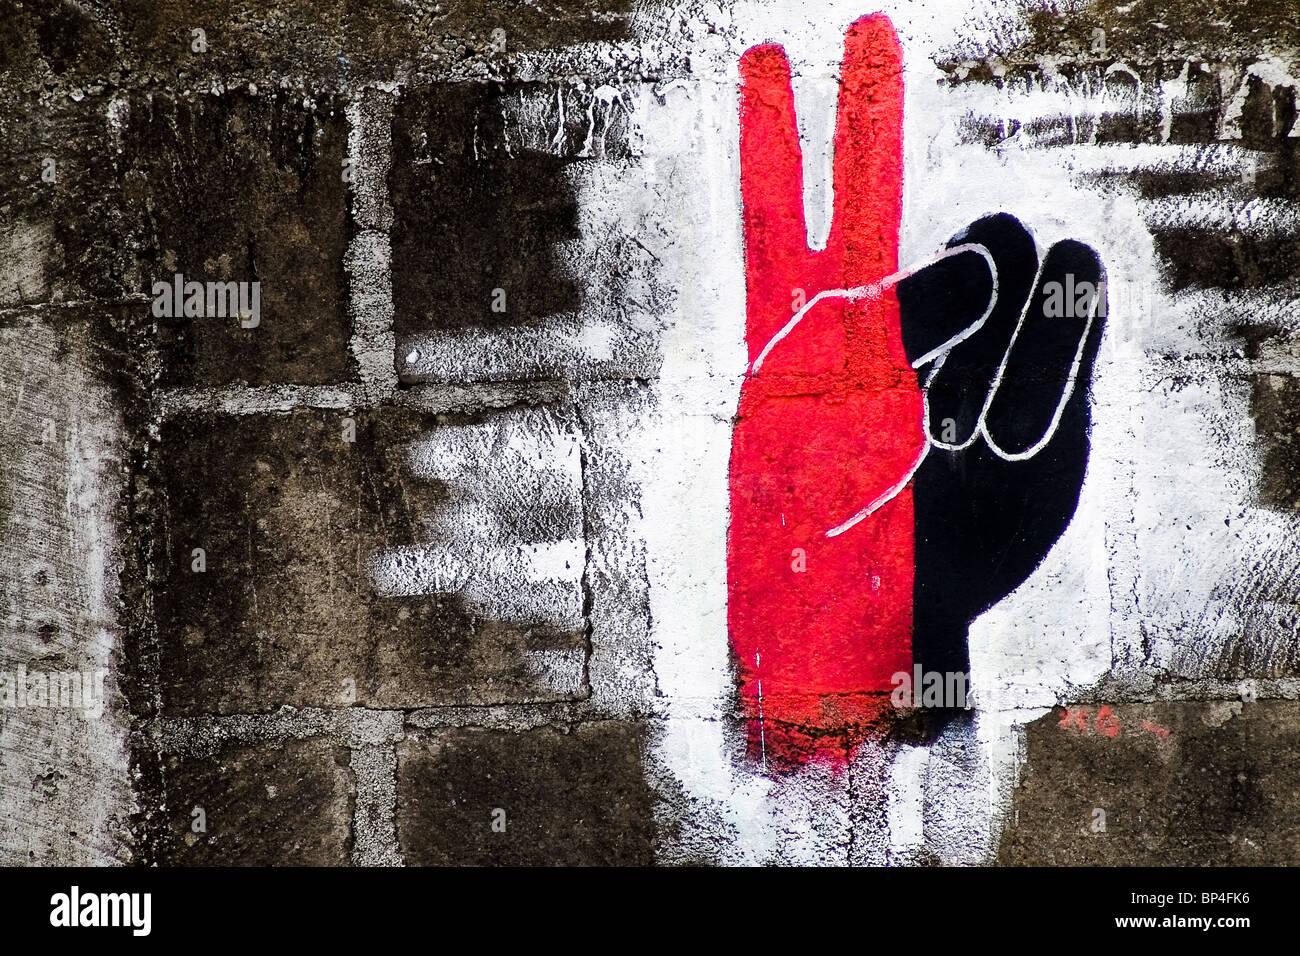 Das Sieg Symbol, Lackiert In Den Farben Schwarz Und Rot Der Sandinisten, An  Der Wand In San Juan Del Sur, Nicaragua.